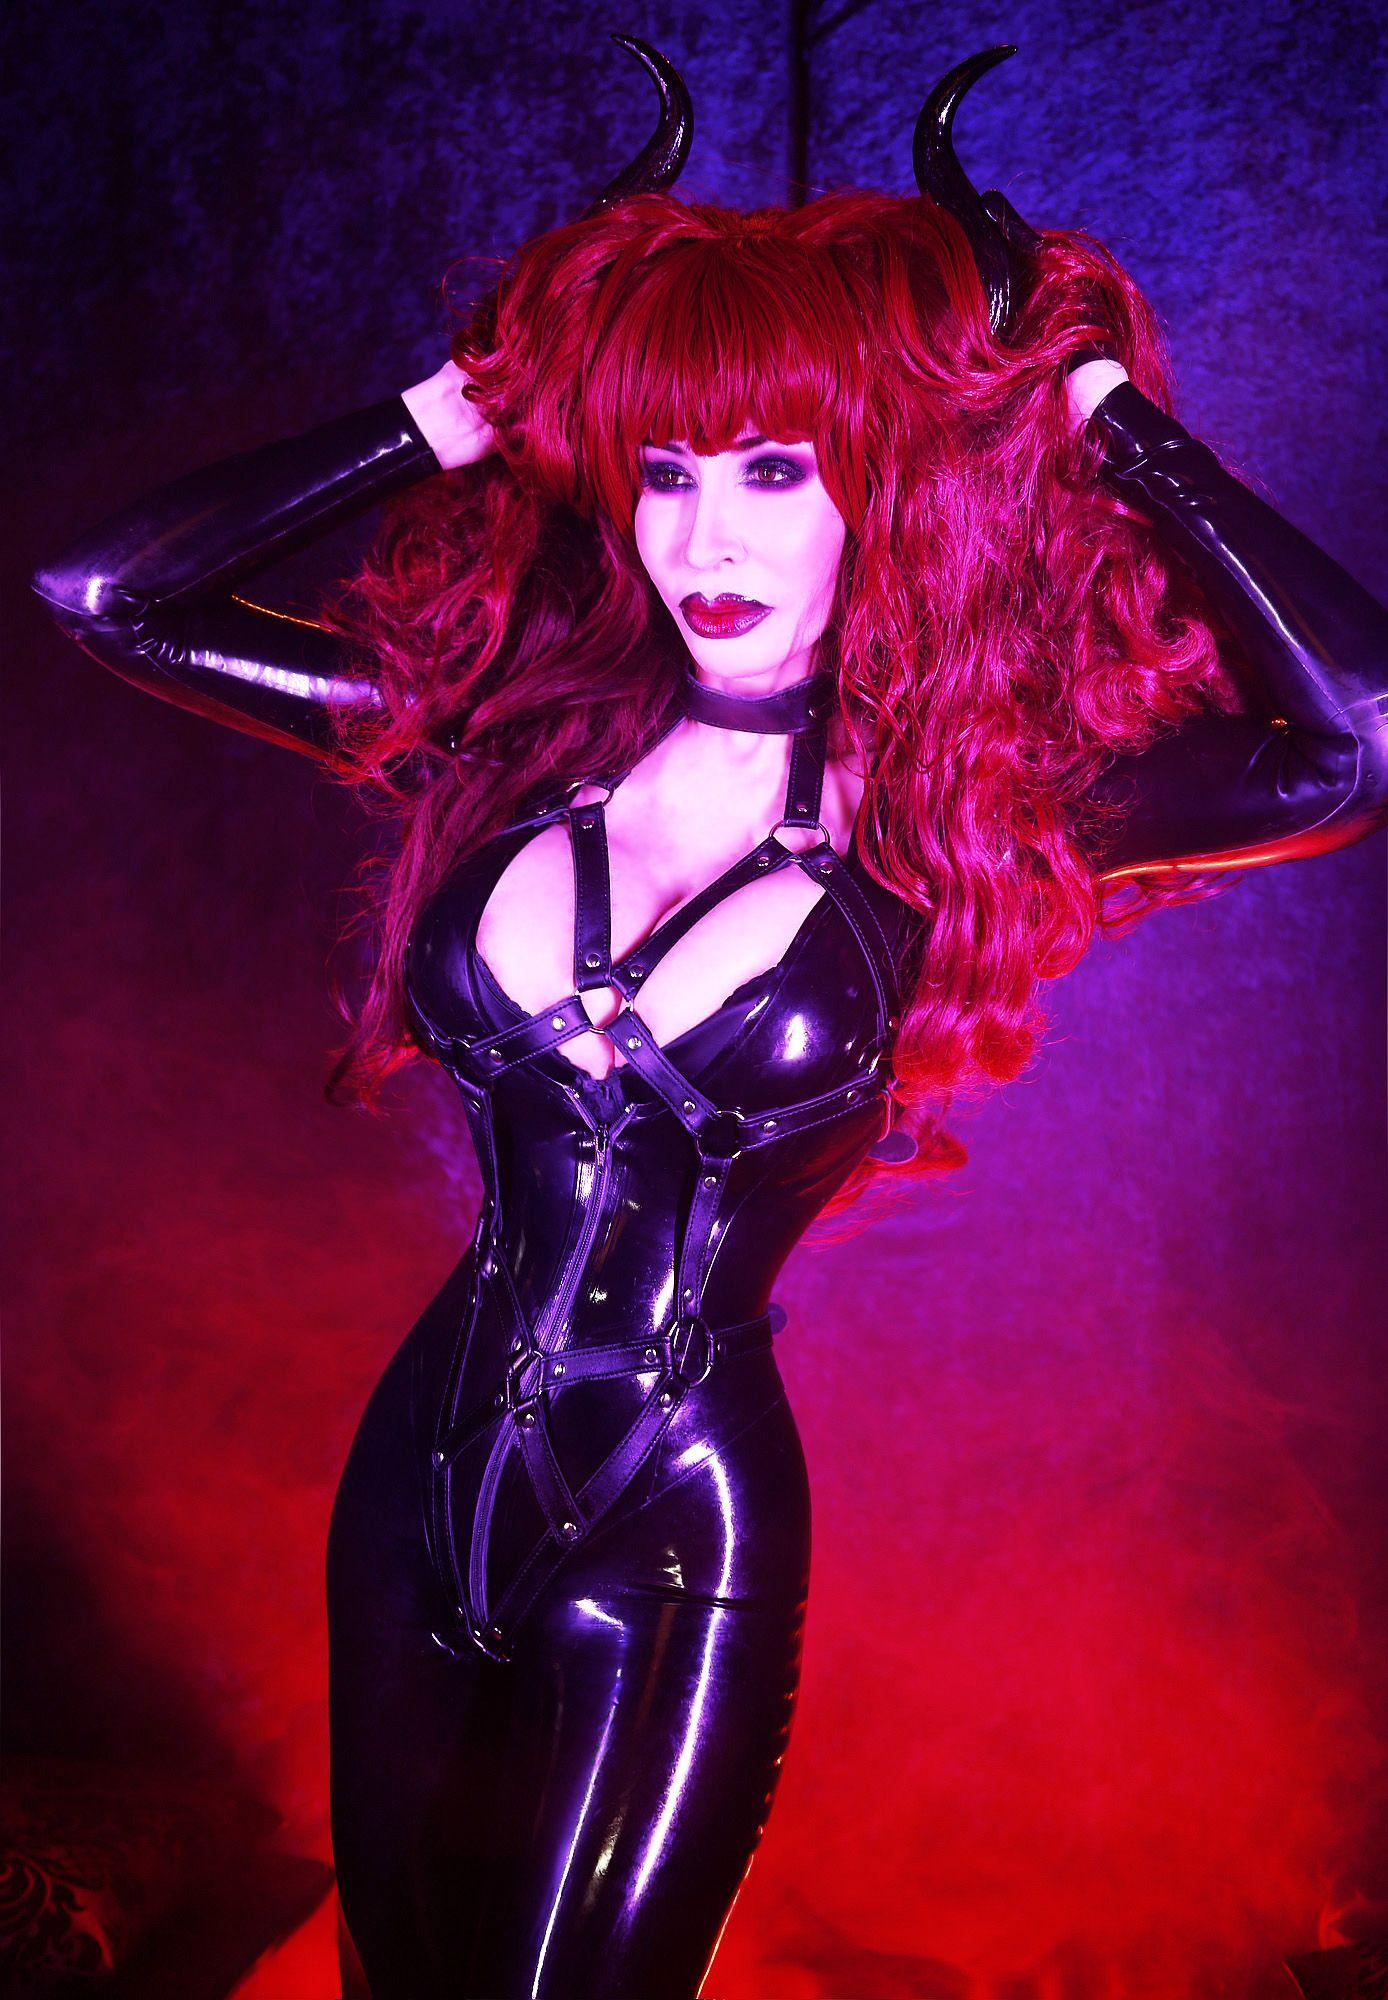 Opinion you bristol redhead dominatrix